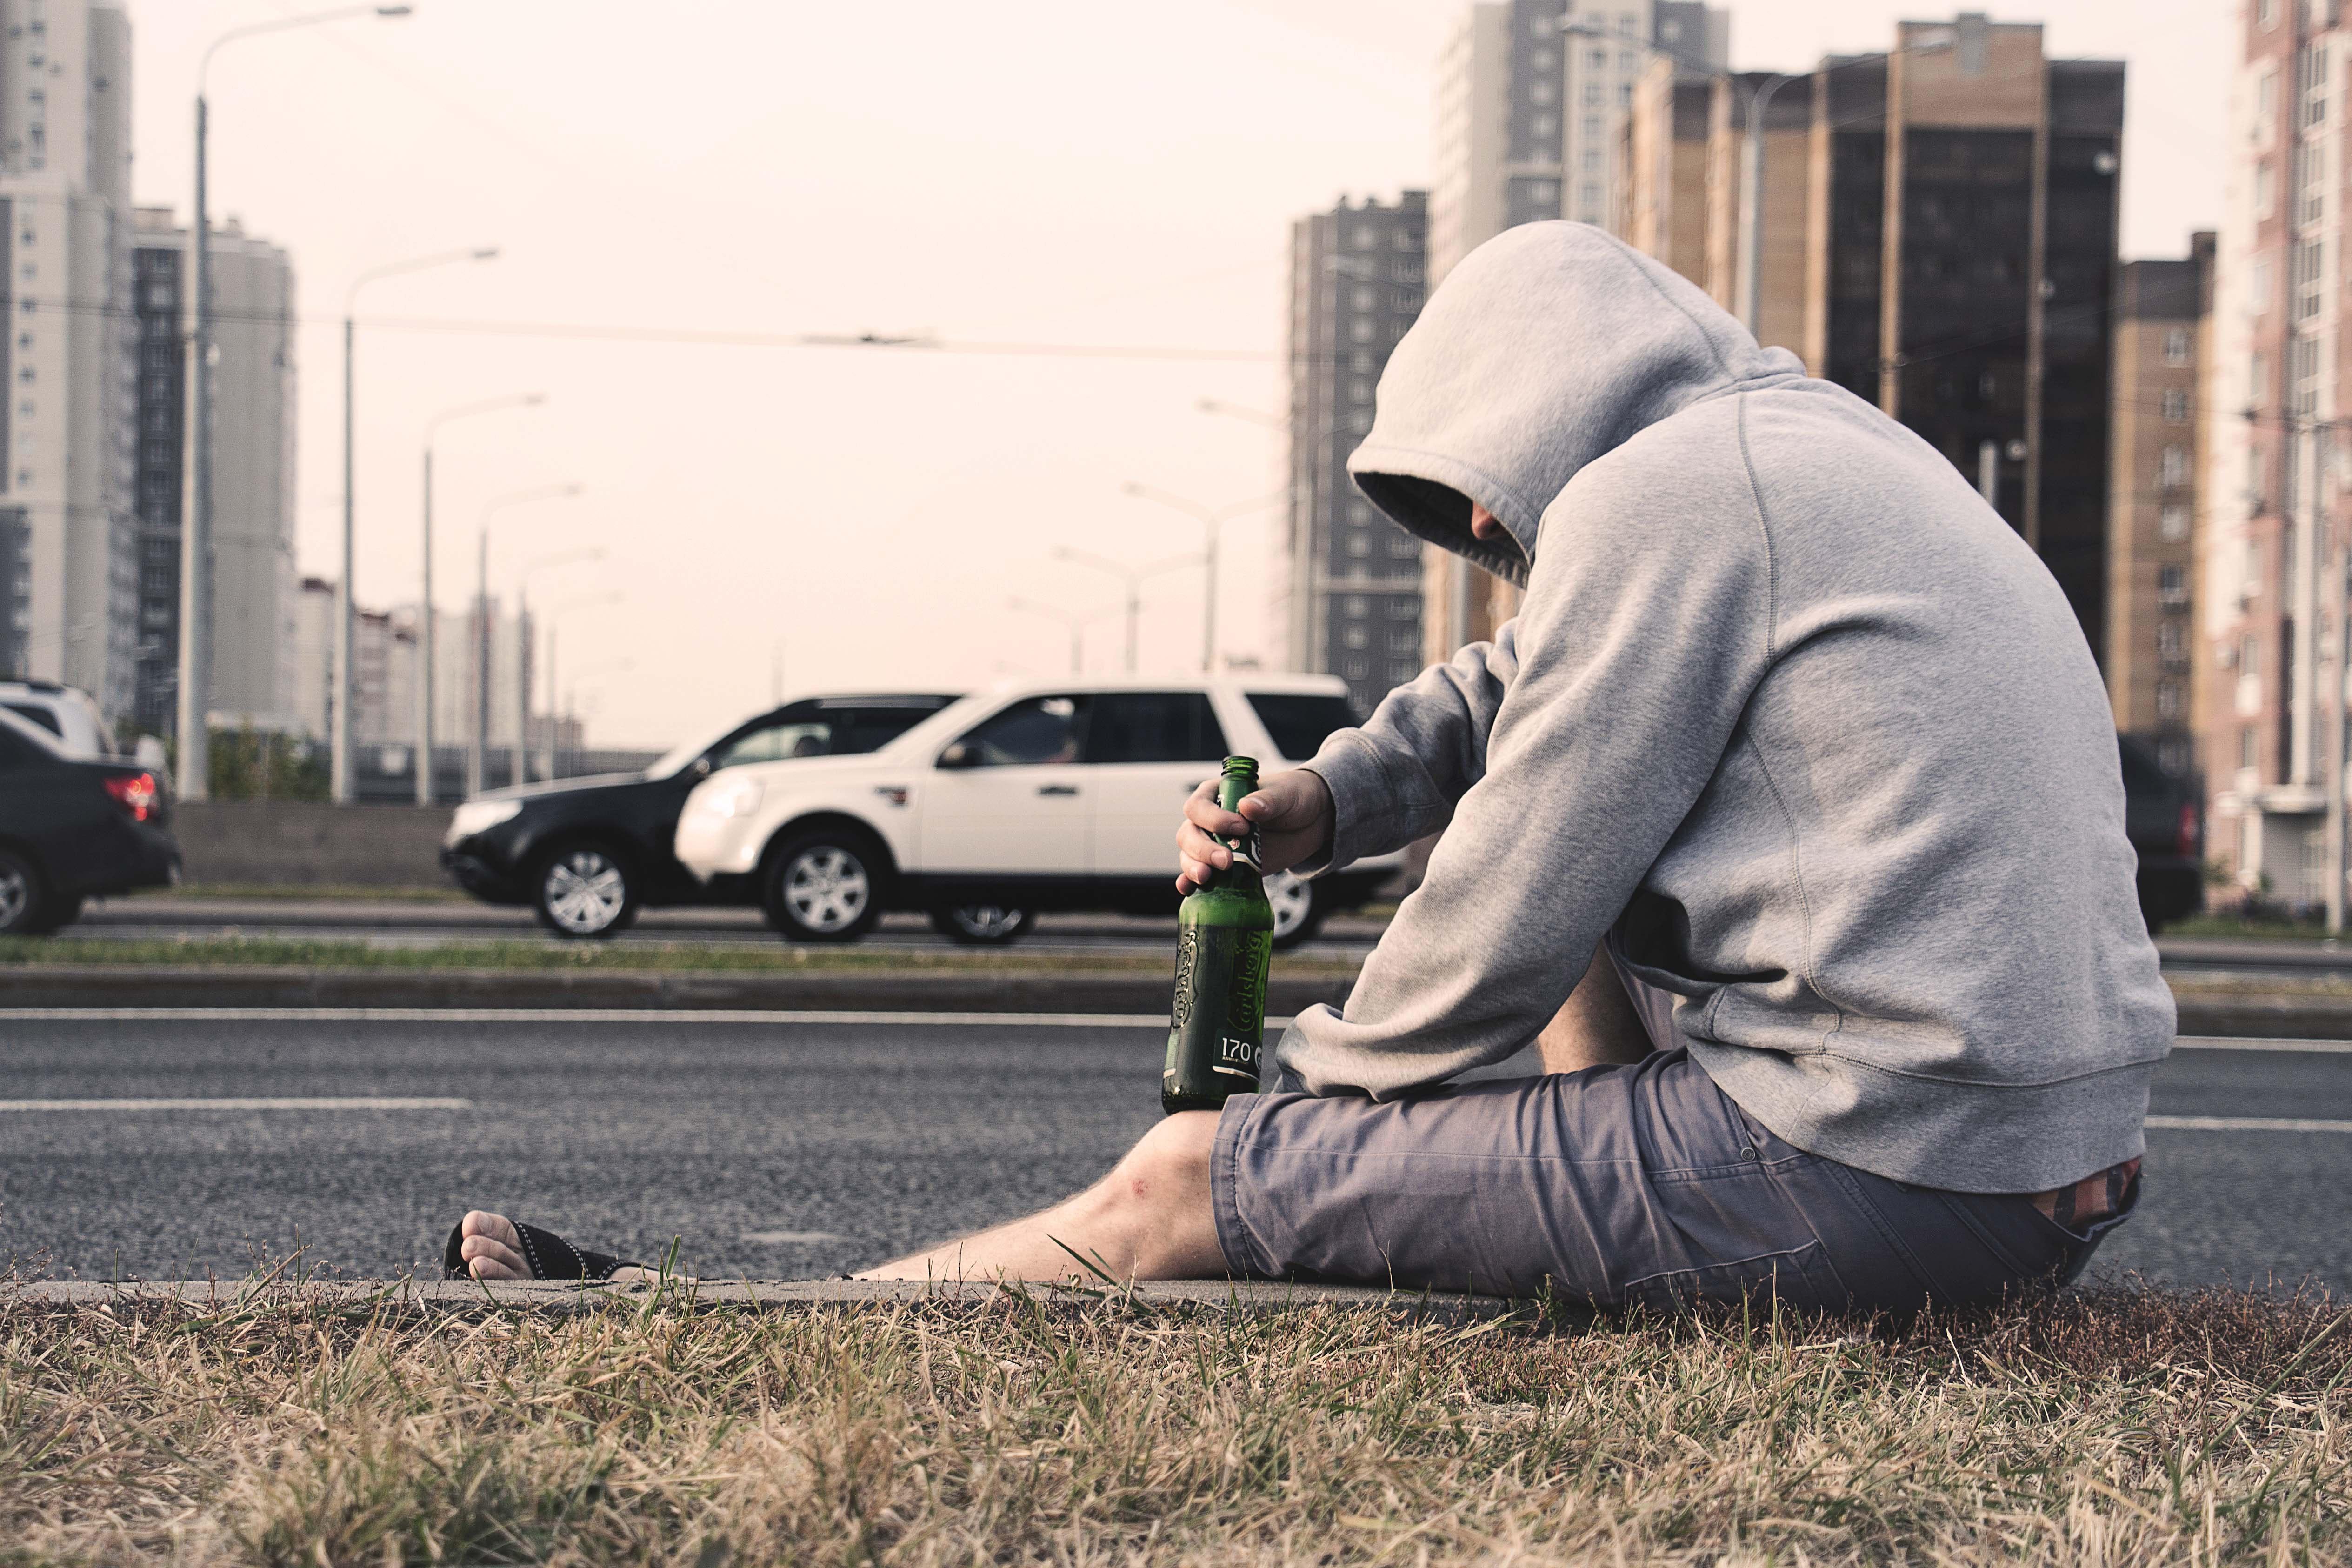 成年人,離崩潰只有一線之隔,離發瘋僅為一秒之差